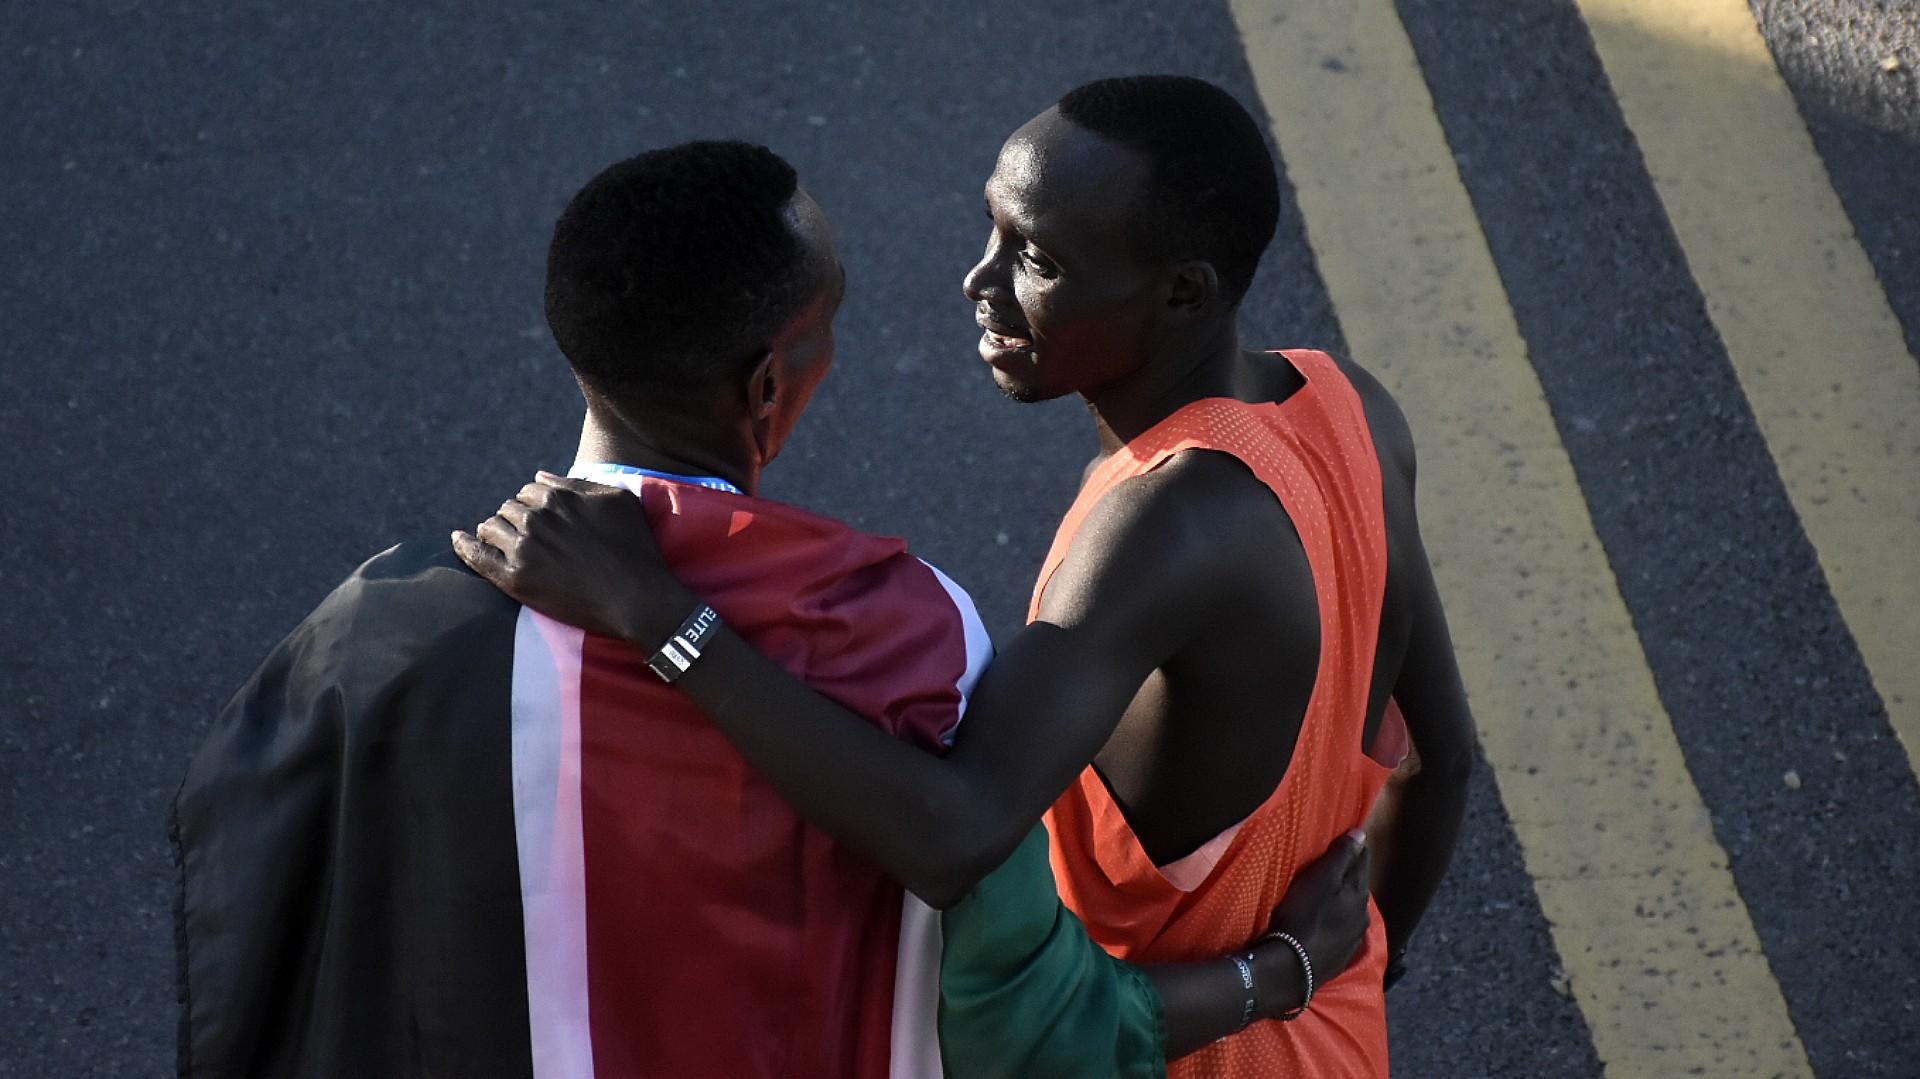 Cherono y Keroki se abrazan. Keroki, en segundo lugar, con una bandera al hombro